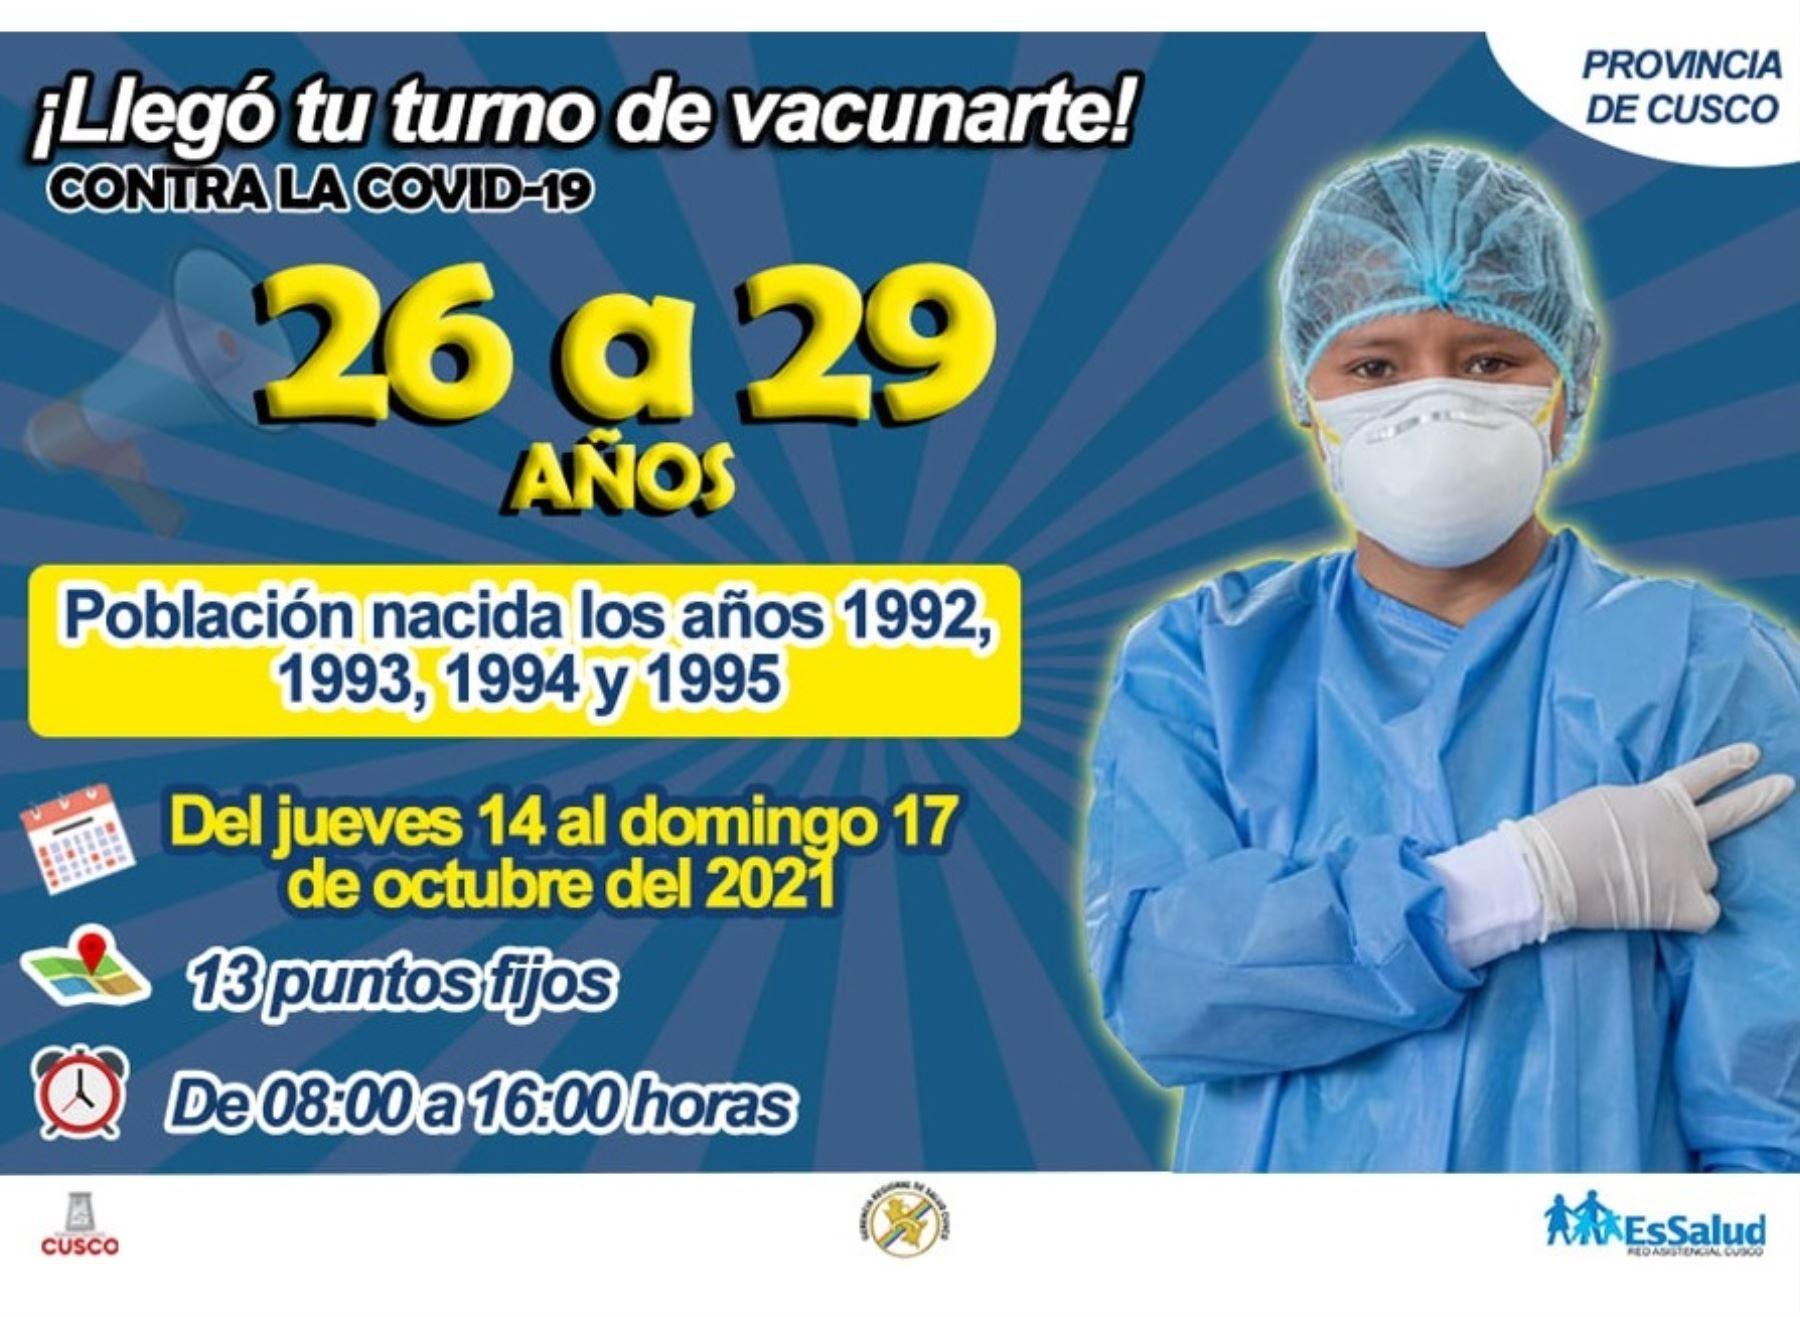 Cusco: hoy se inicia jornada de vacunación contra el covid-19 a jóvenes de 26 años a más